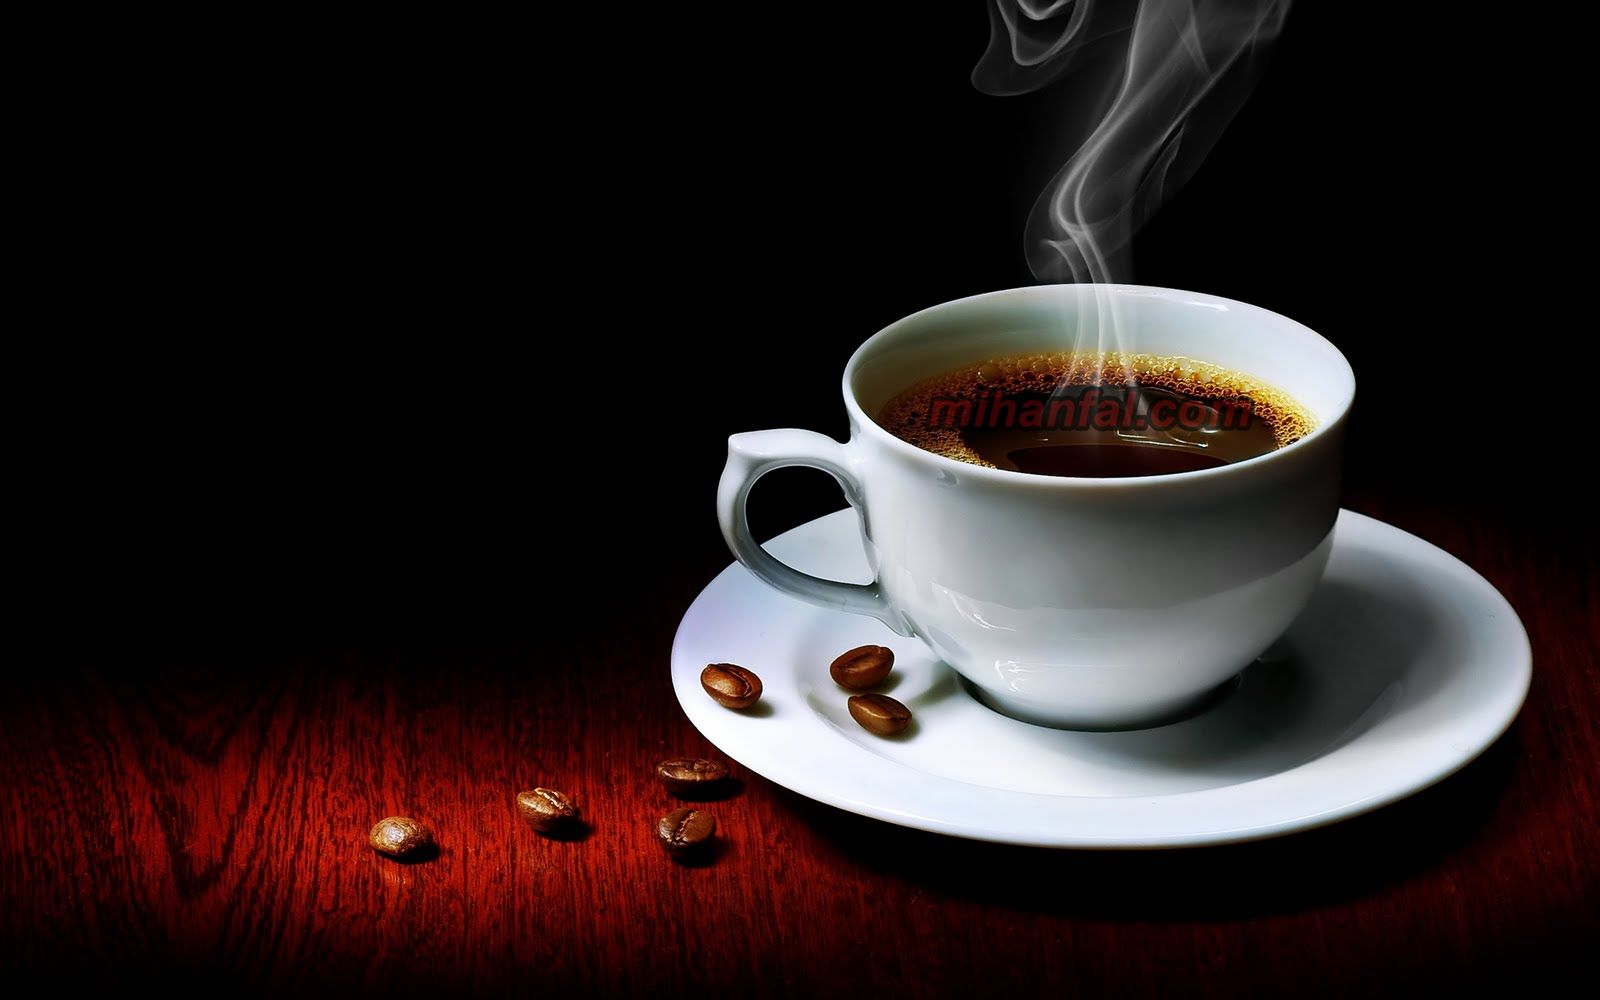 اس ام اس عاشقانه و احساسی با طعم قهوه شهریور 92